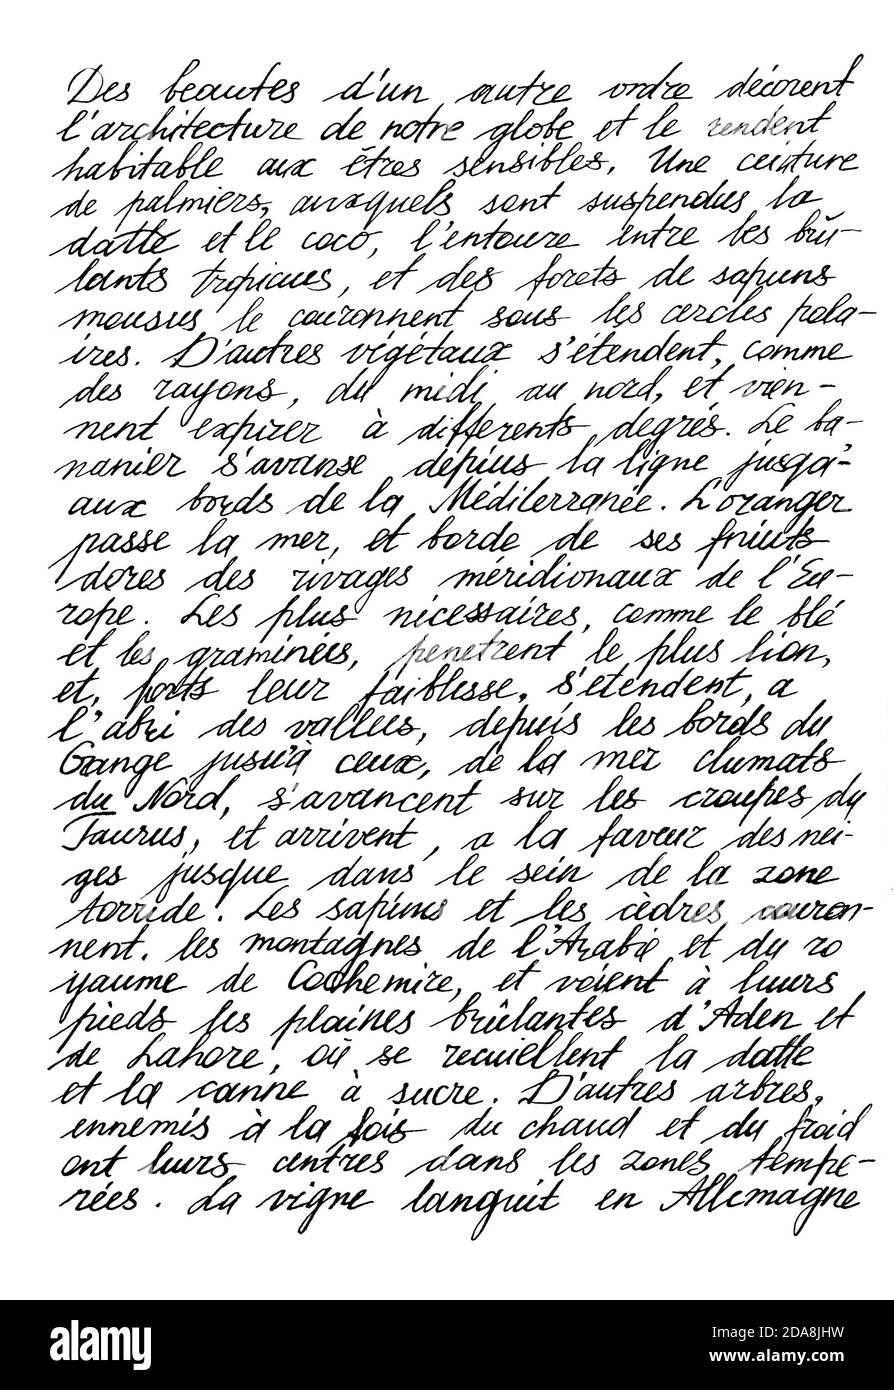 Texte manuscrit illisible. Écriture manuscrite. Calligraphie. Arrière-plan de texture abstraite Banque D'Images